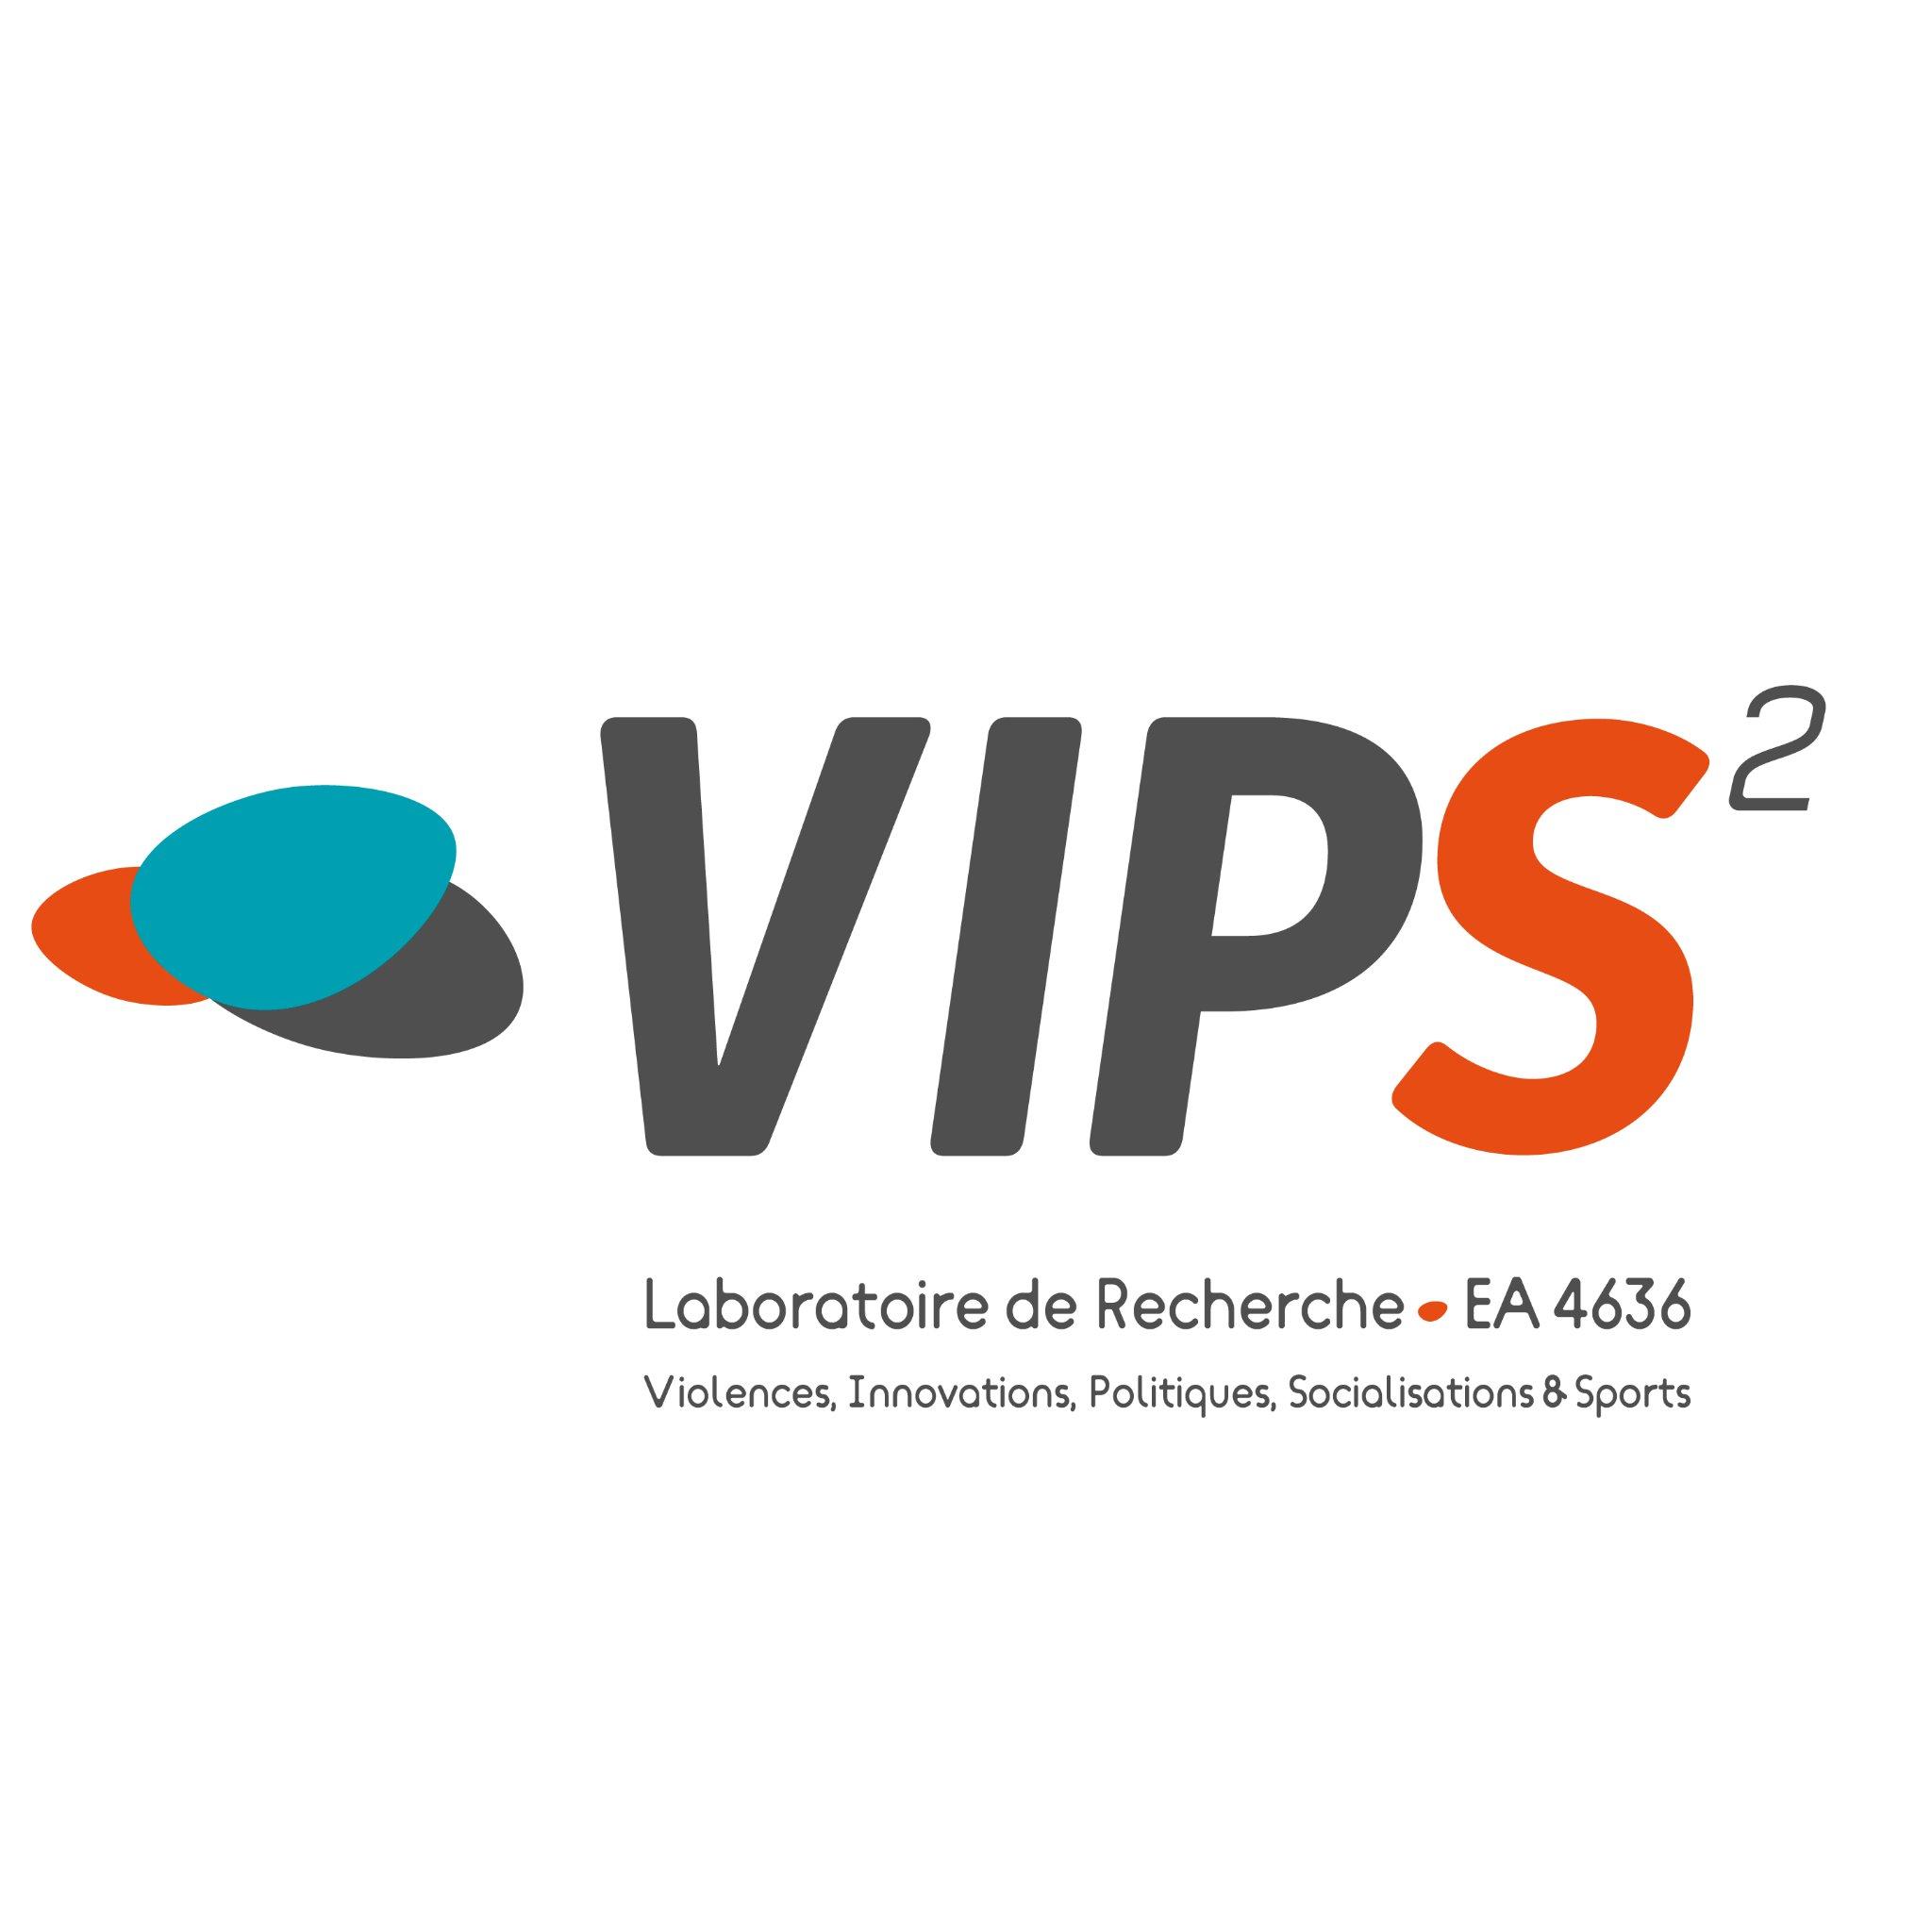 """Résultat de recherche d'images pour """"vips²"""""""""""